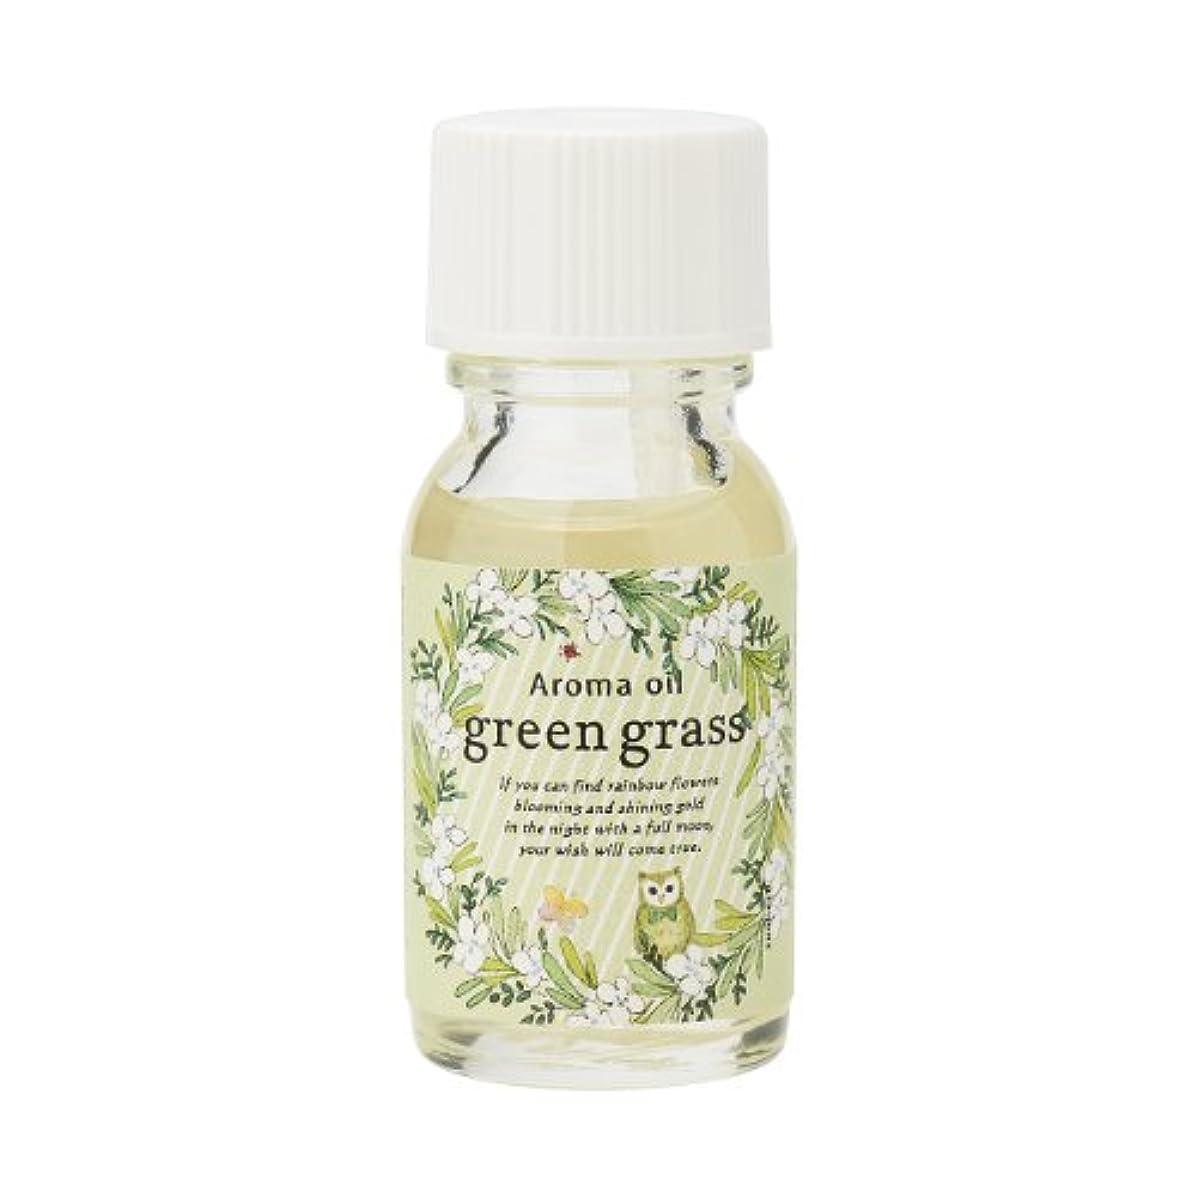 まとめる暖かく頑丈サンハーブ アロマオイル グリーングラス 13ml(爽やかでちょっと大人の香り)